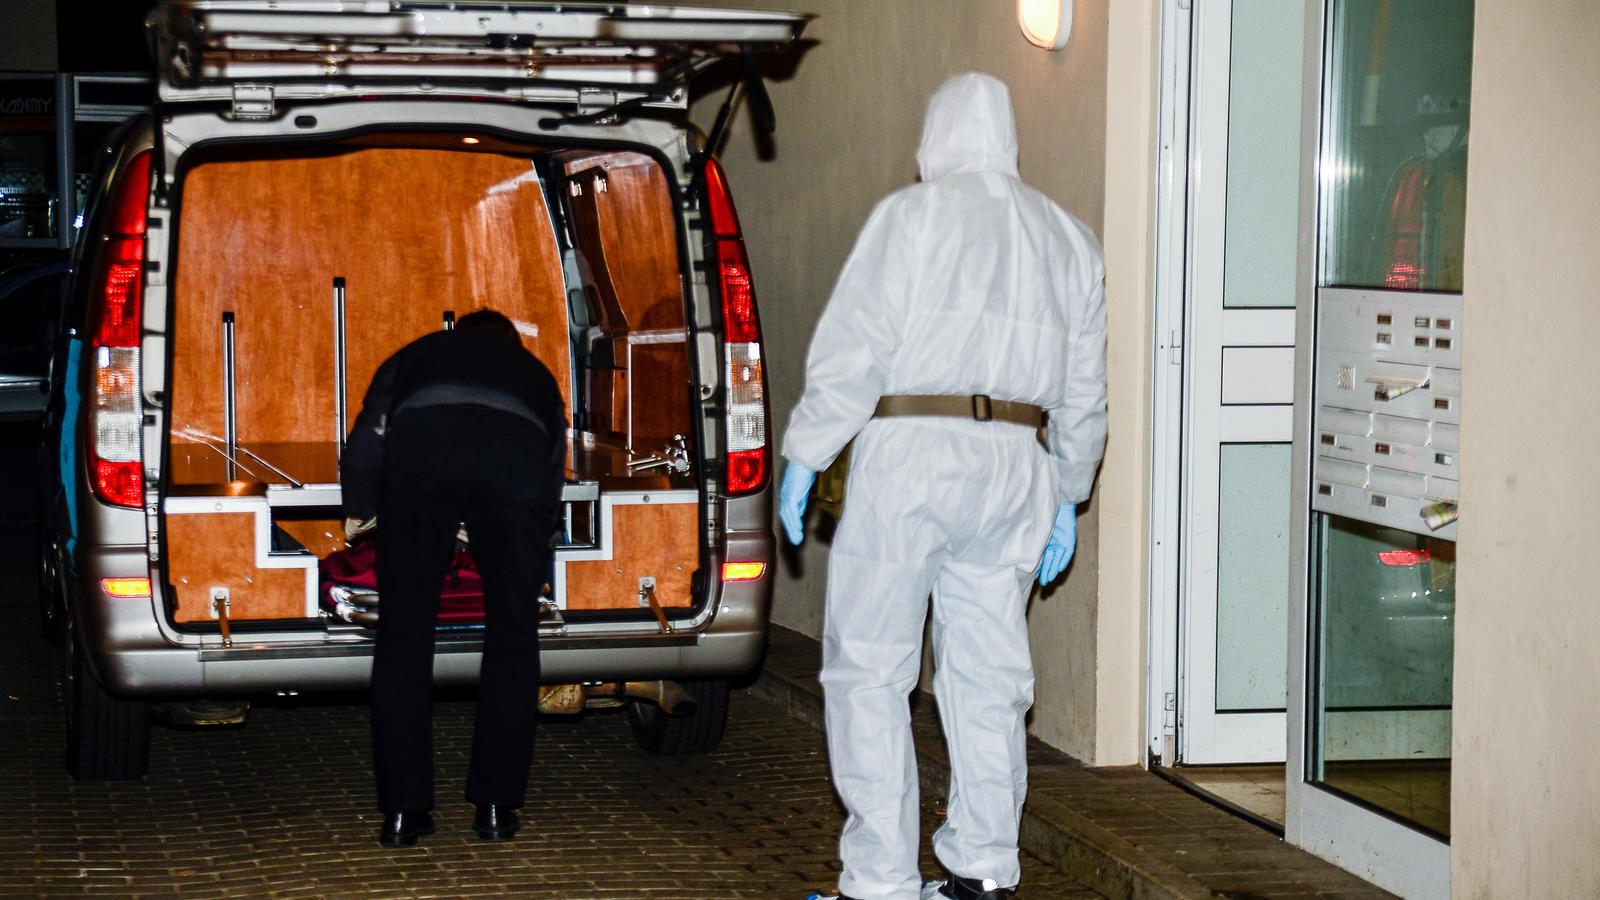 Familiendrama in Bad Driburg: Vater tötet zwei Kinder und sich selbst